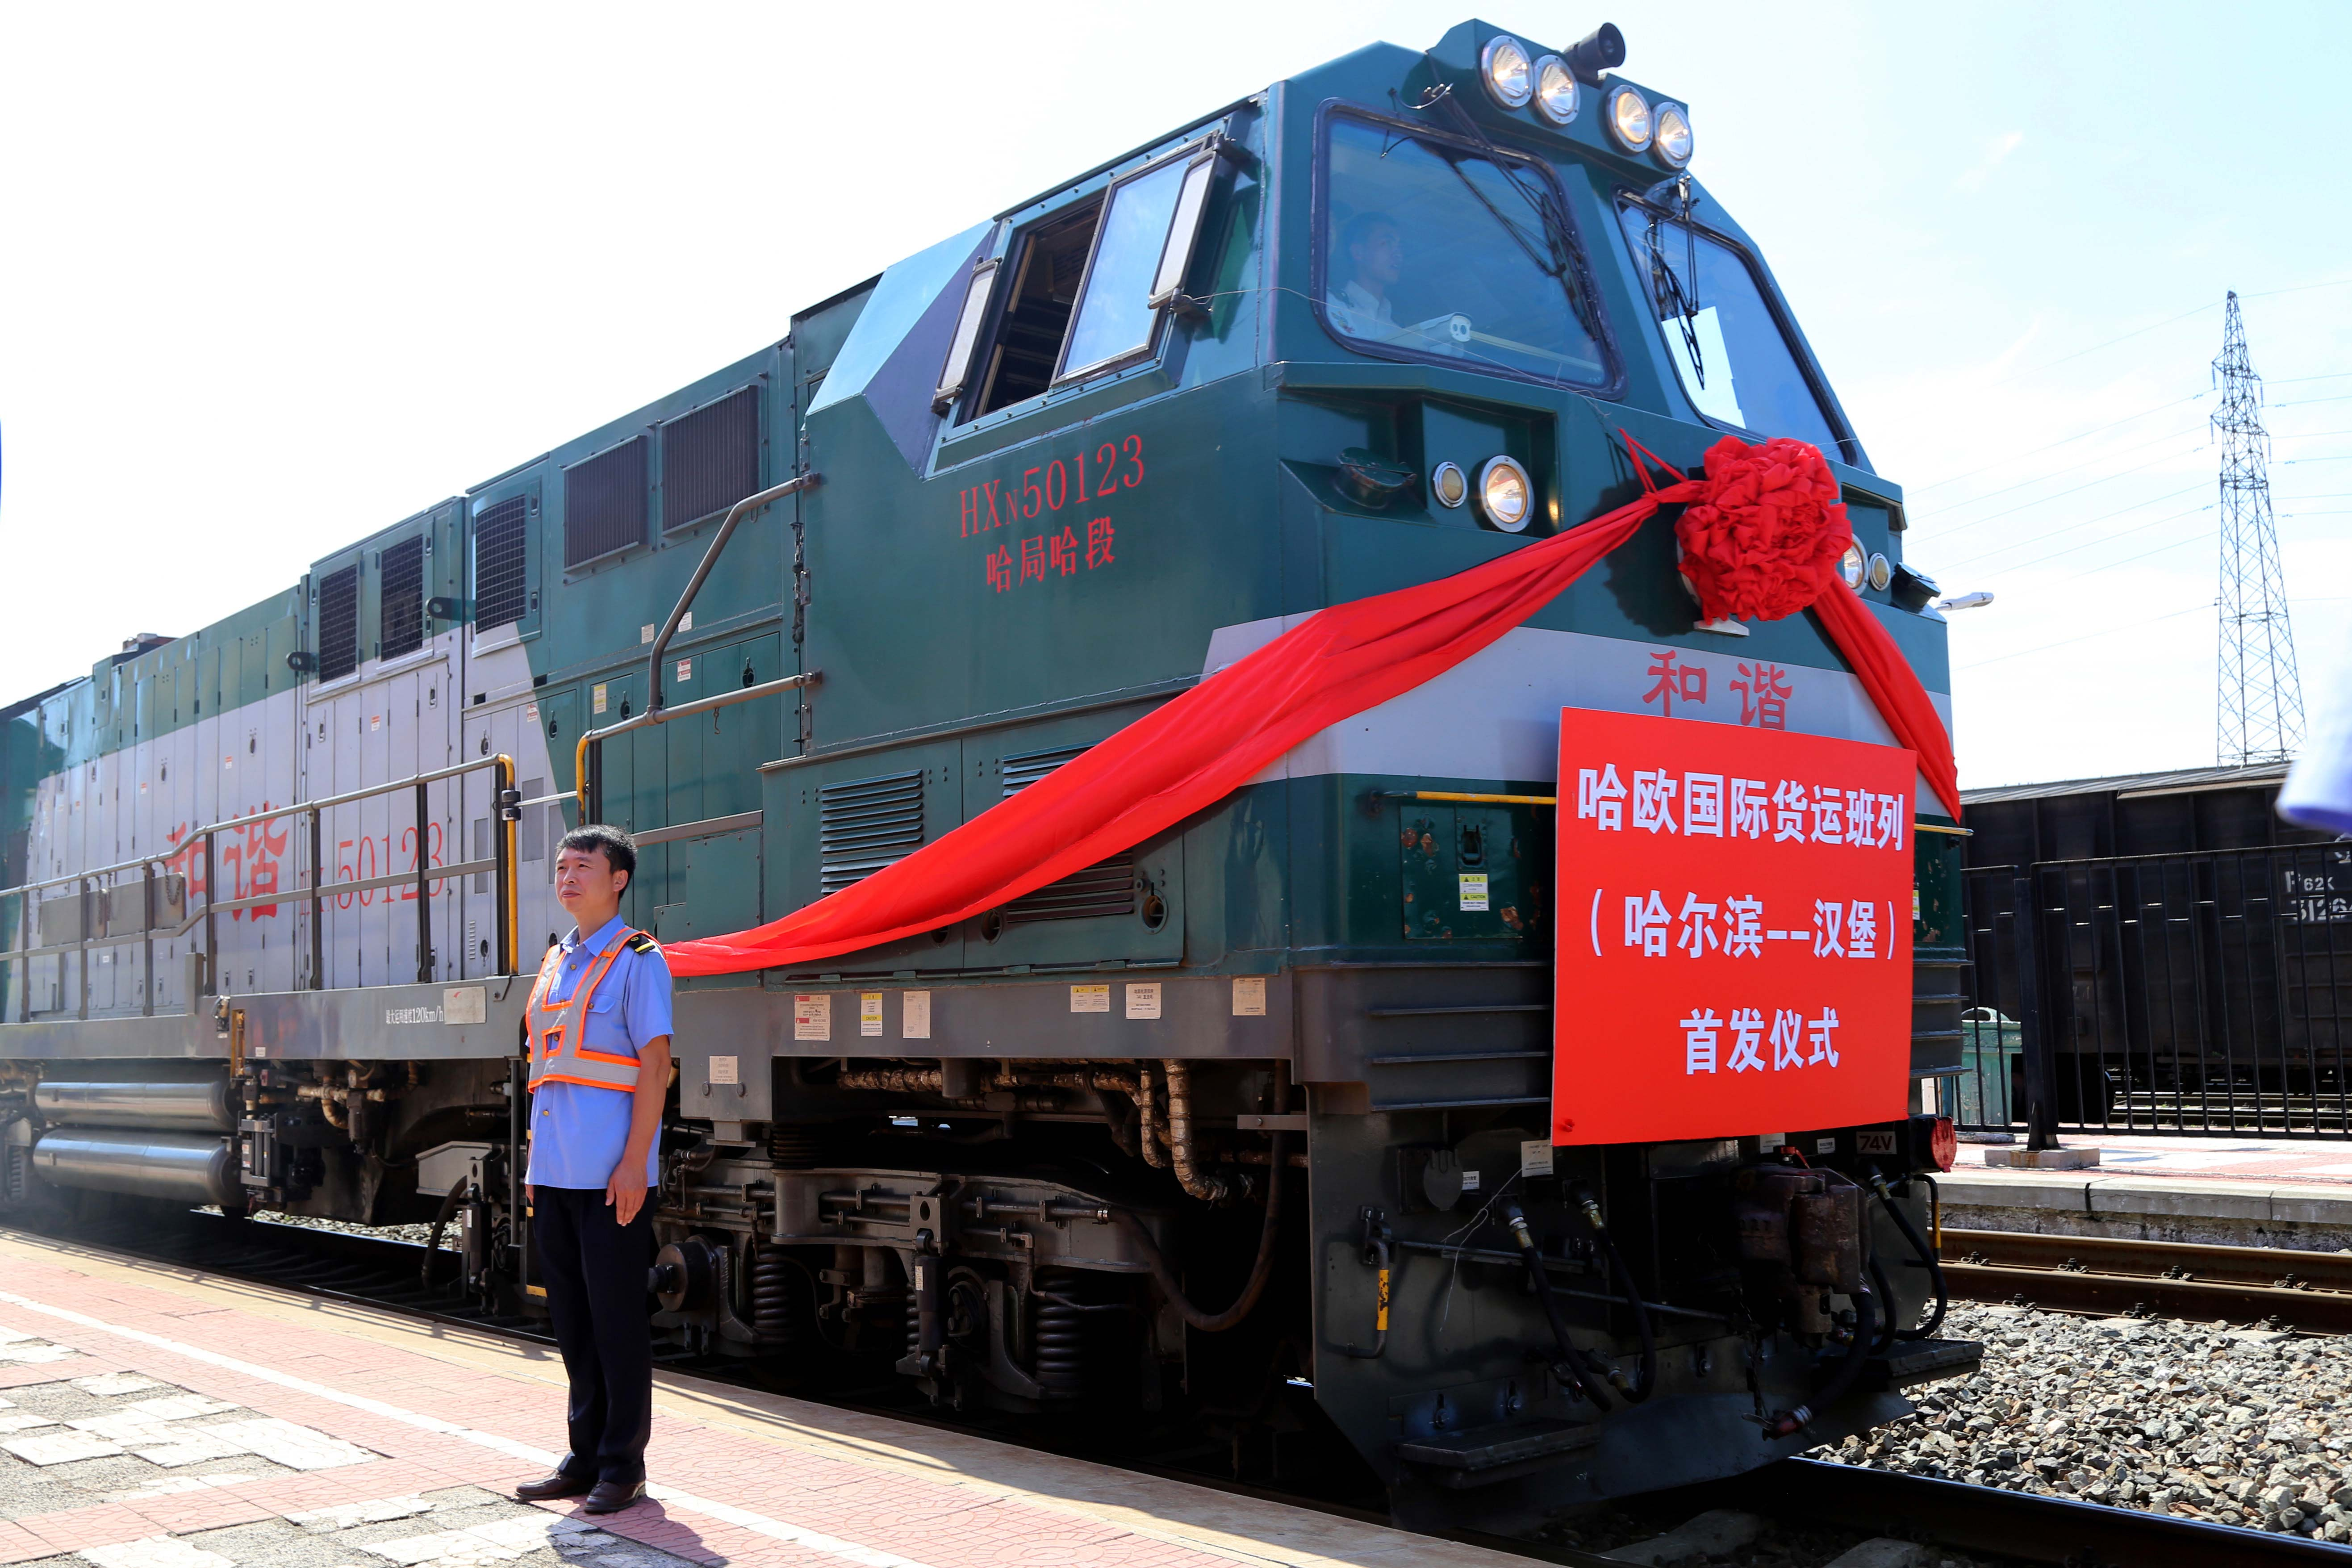 Продължителността на пътуването трае 15 дена, за това време влакът преминава през територията на Монголия, Русия и Полша.